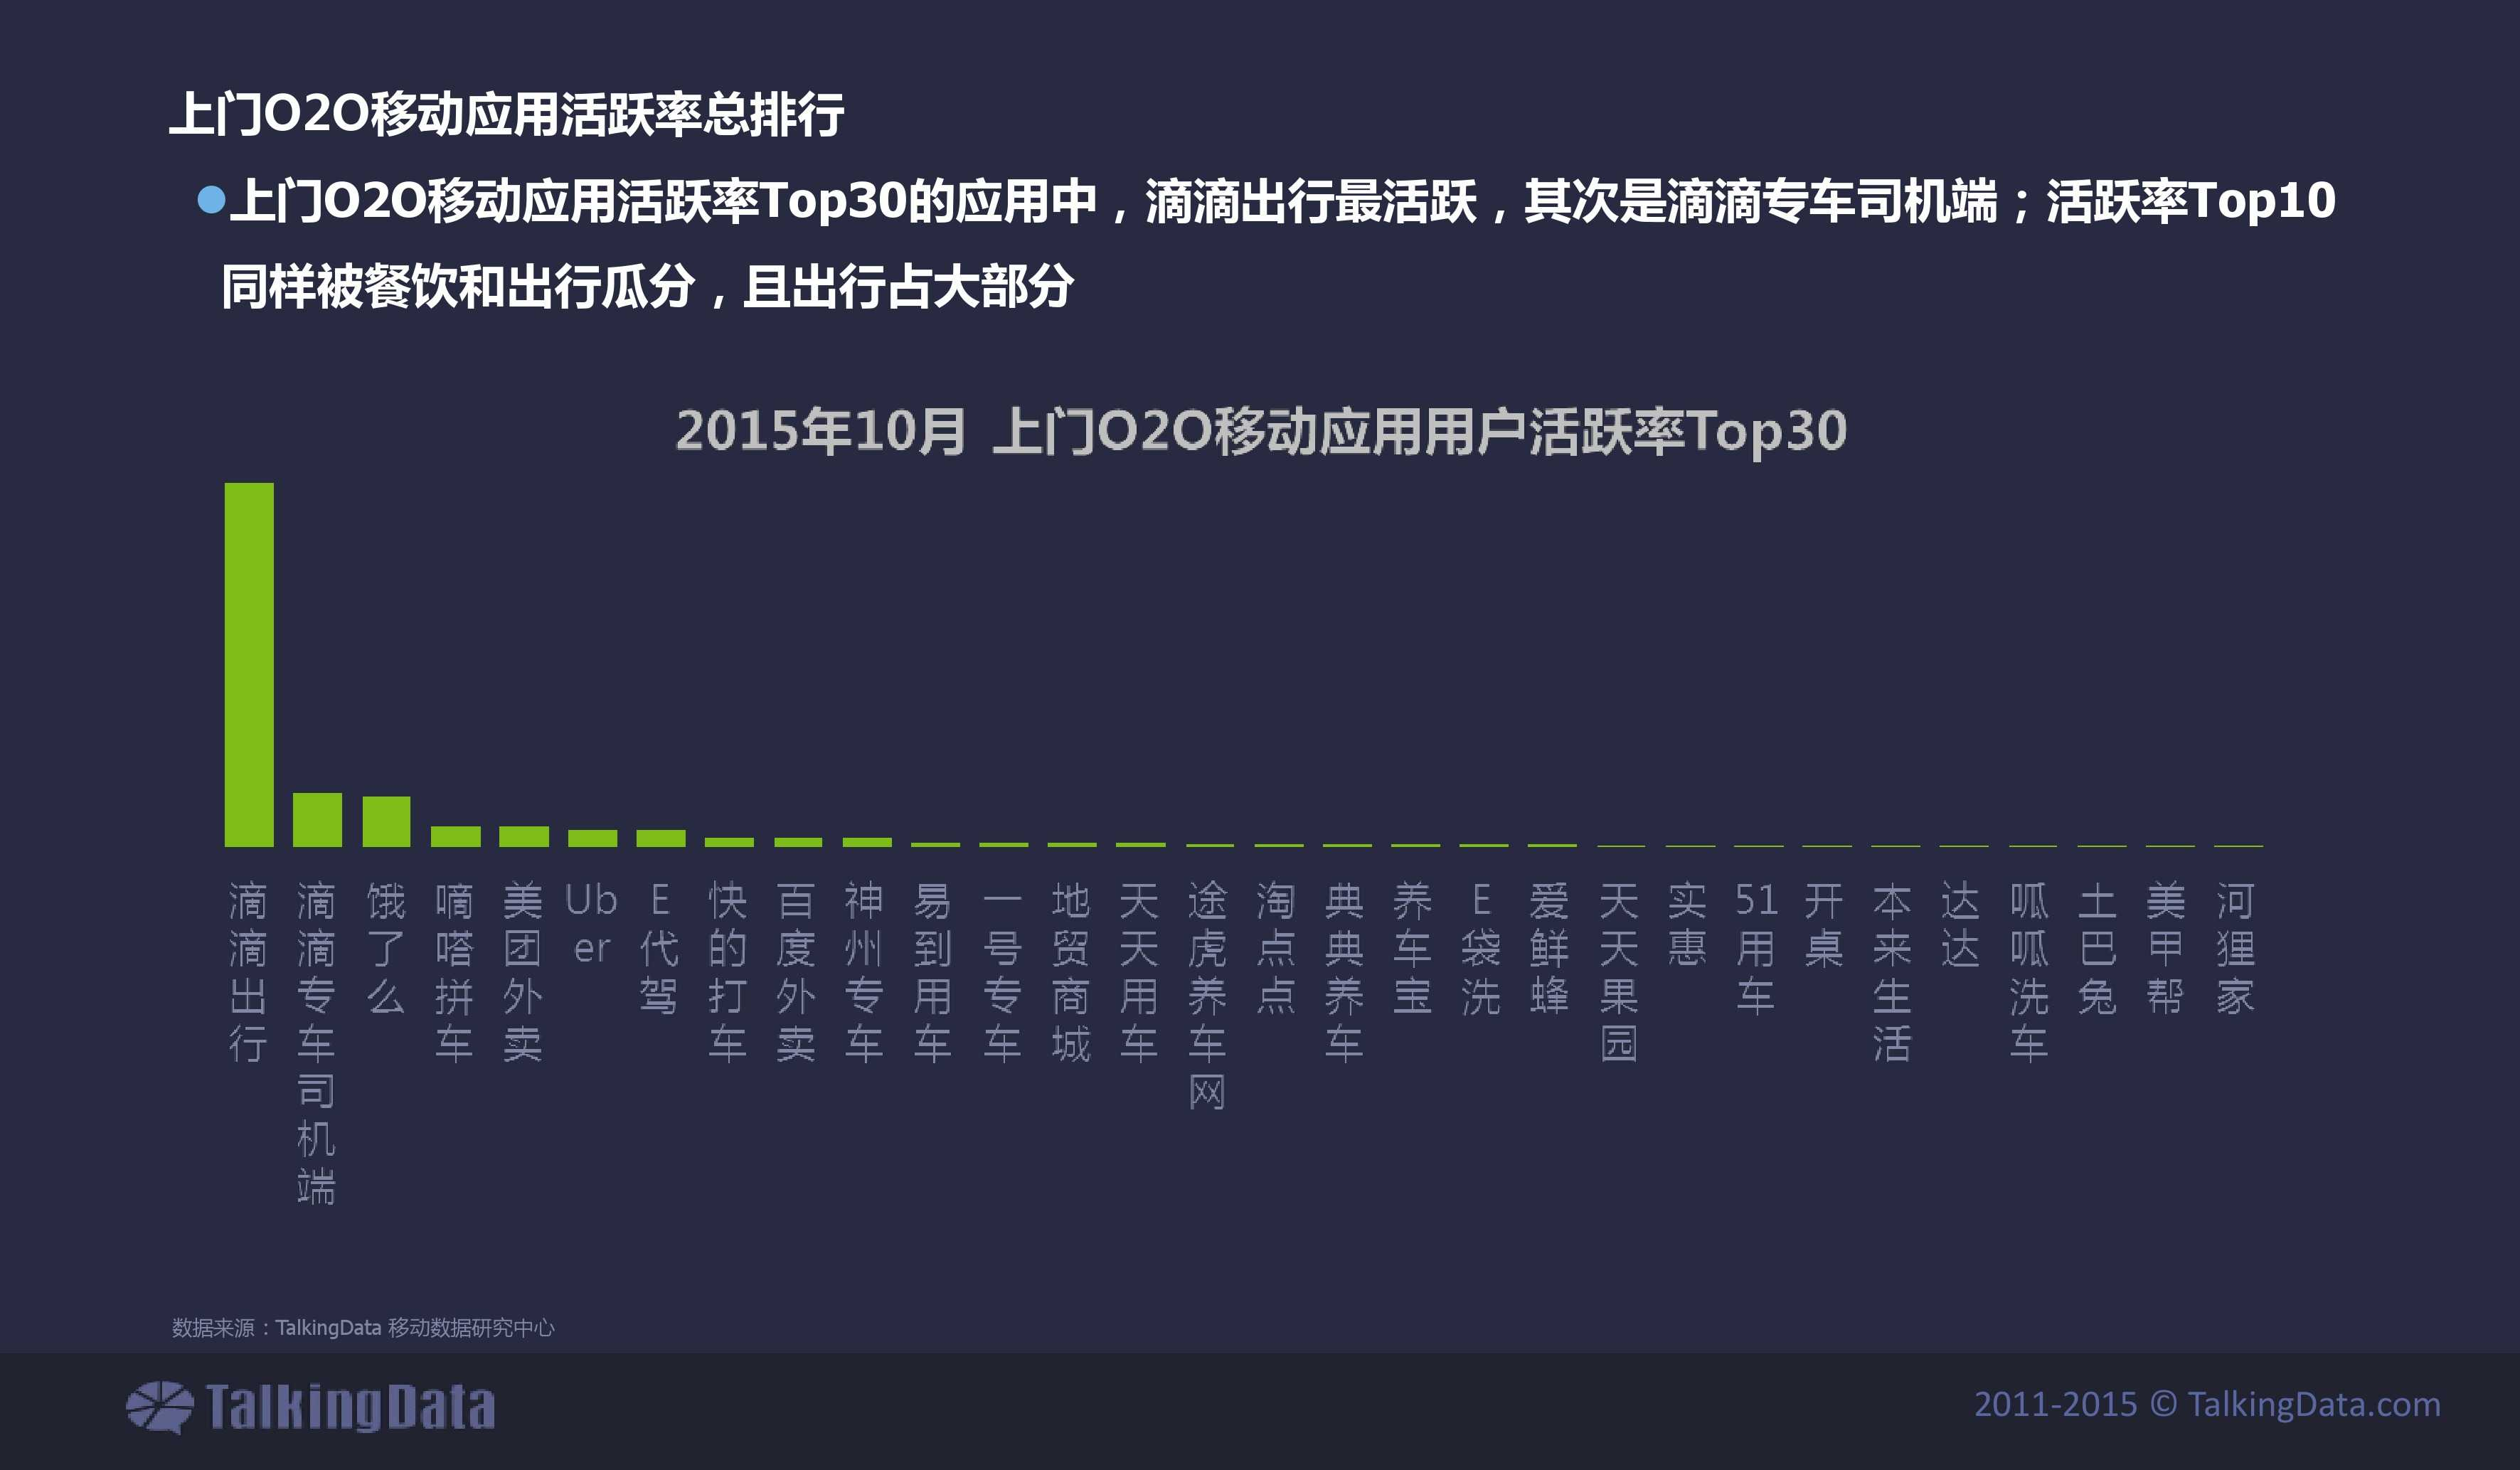 TalkingData2015年上门O2O移动应用行业报告_000016